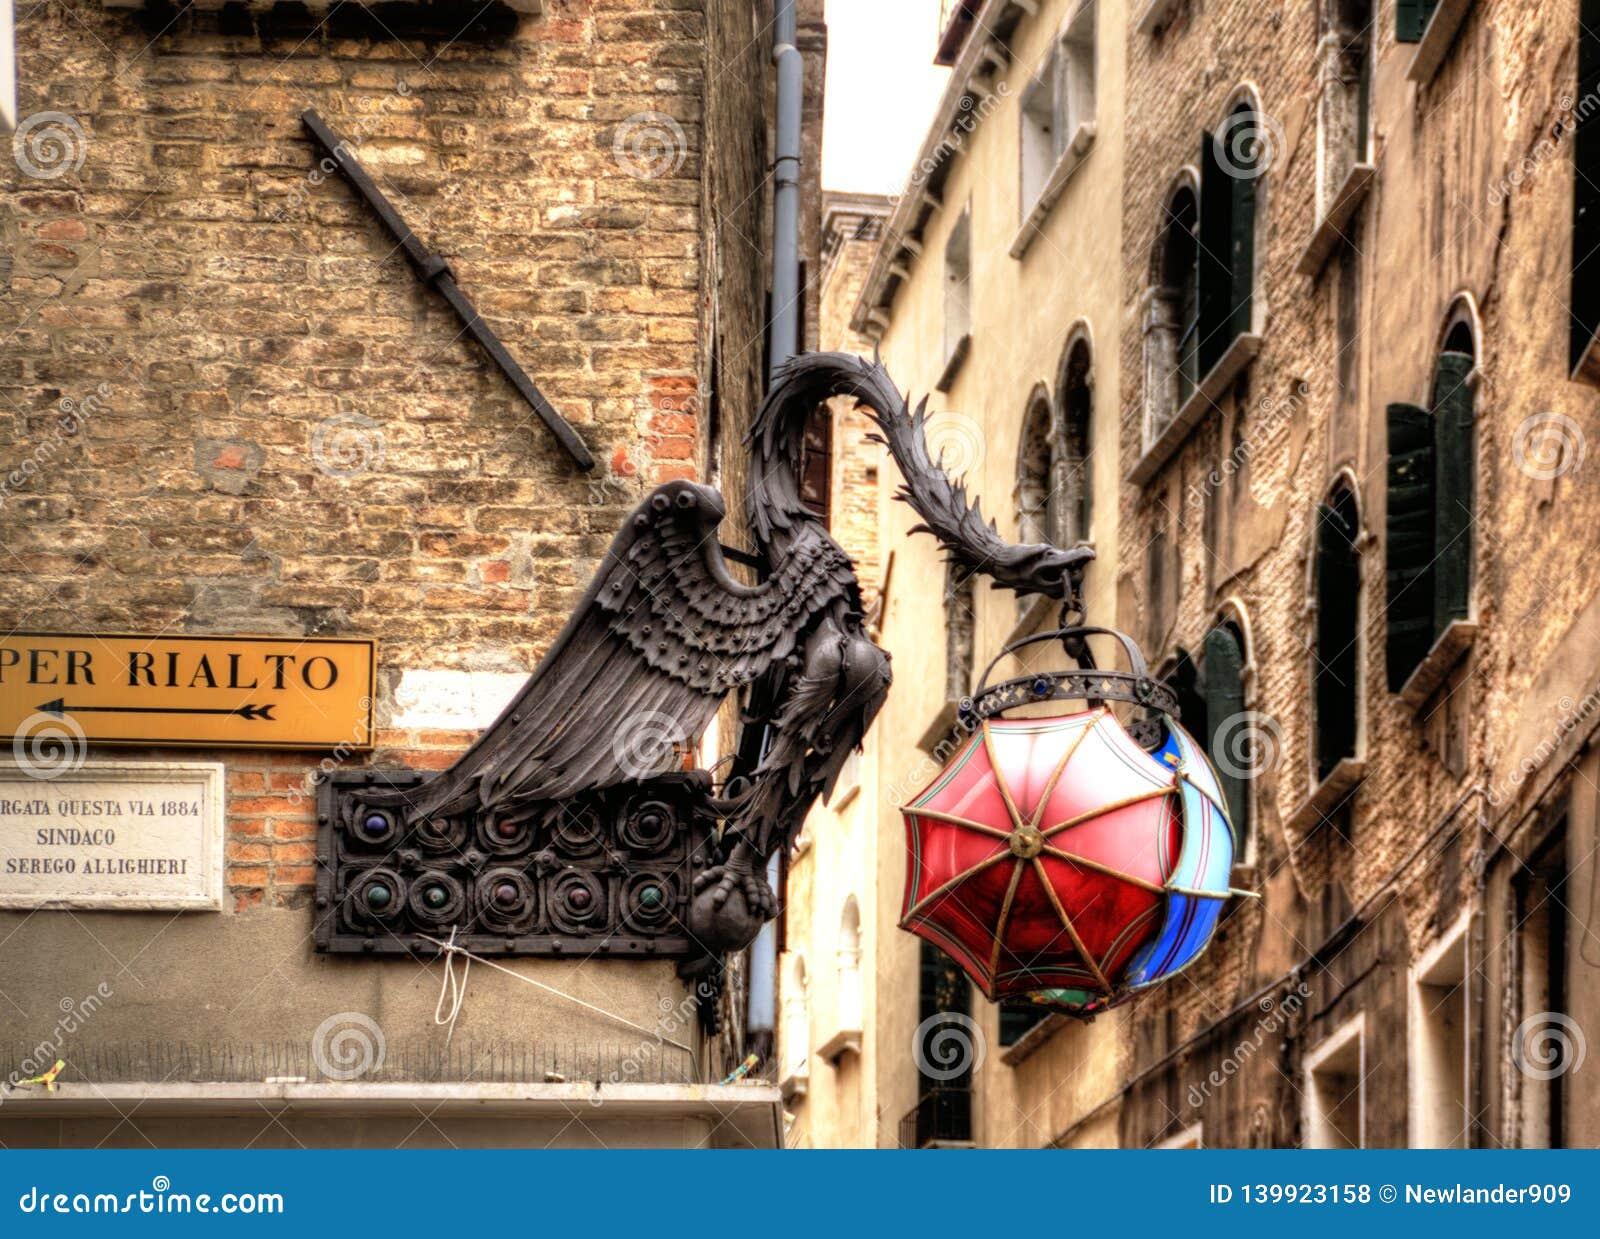 The Maforio Dragon lantern with umbrellas in Venice.